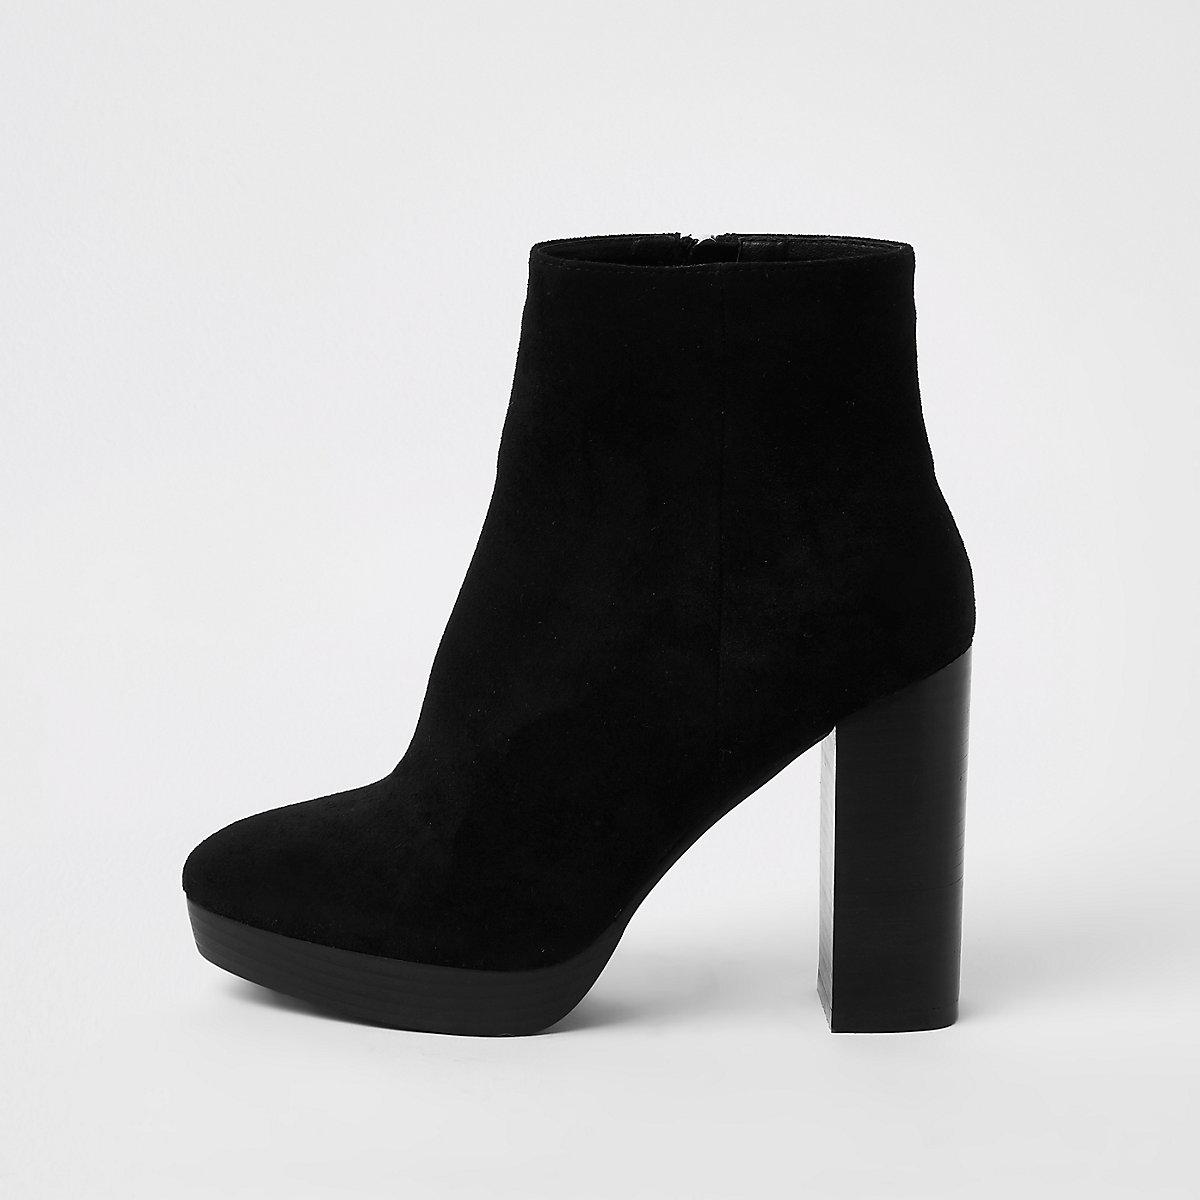 Black block heel platform boots